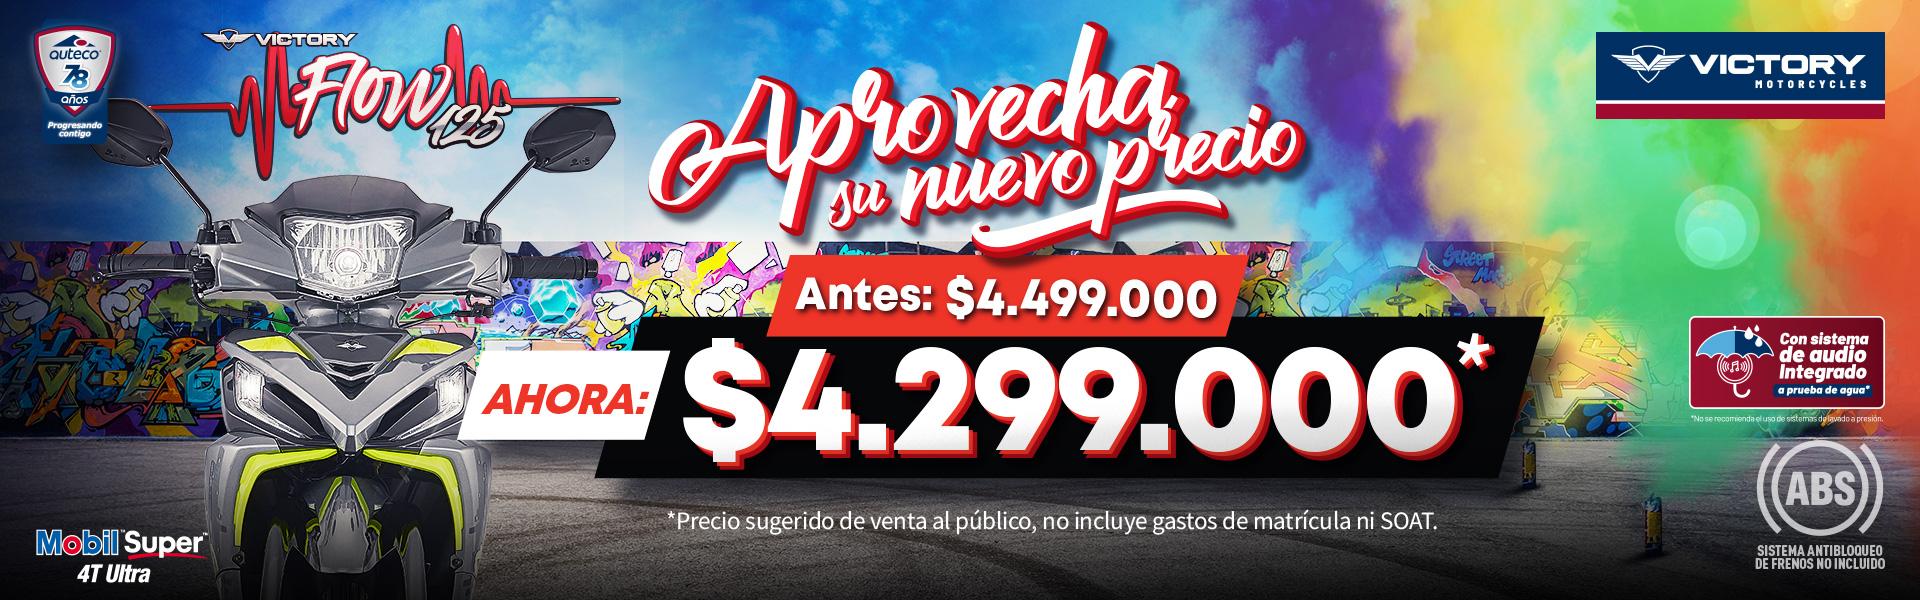 Compra online motos, repuestos y accesorios en Colombia - Auteco